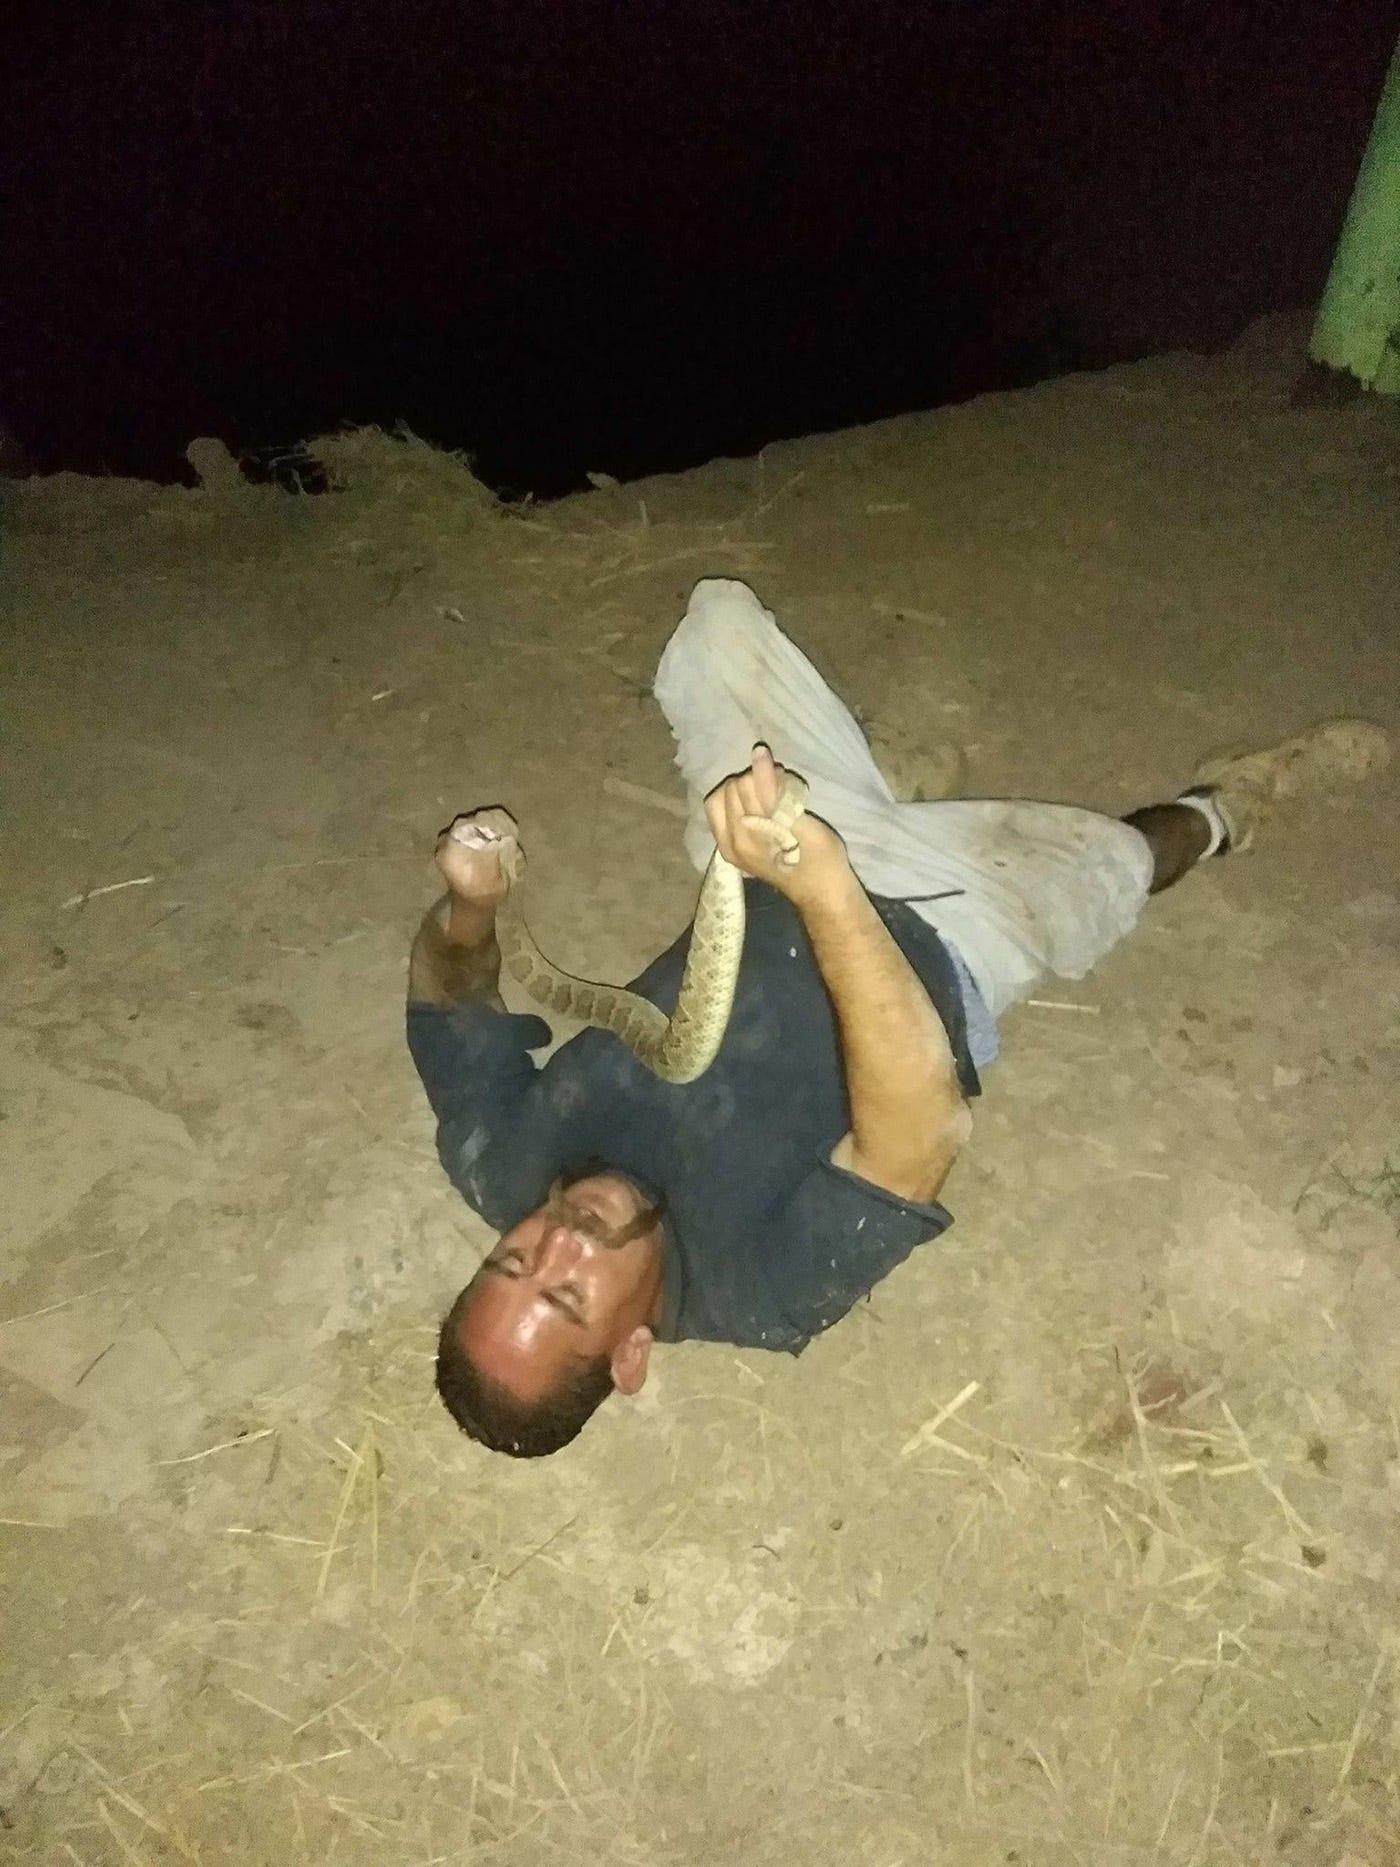 Man tries to eat rattlesnake; snake bites back